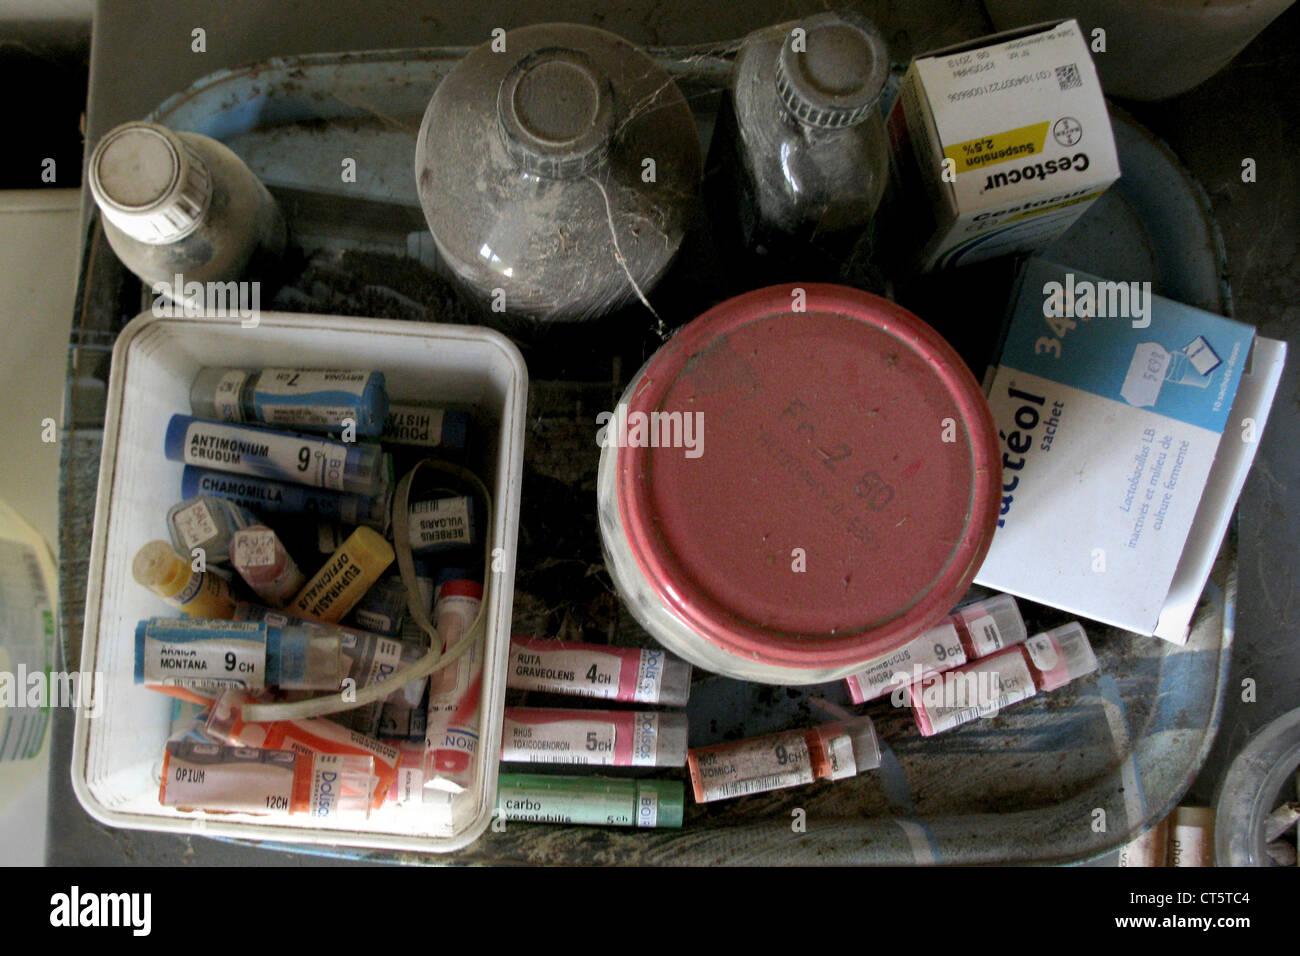 EXPIRED DRUG - Stock Image